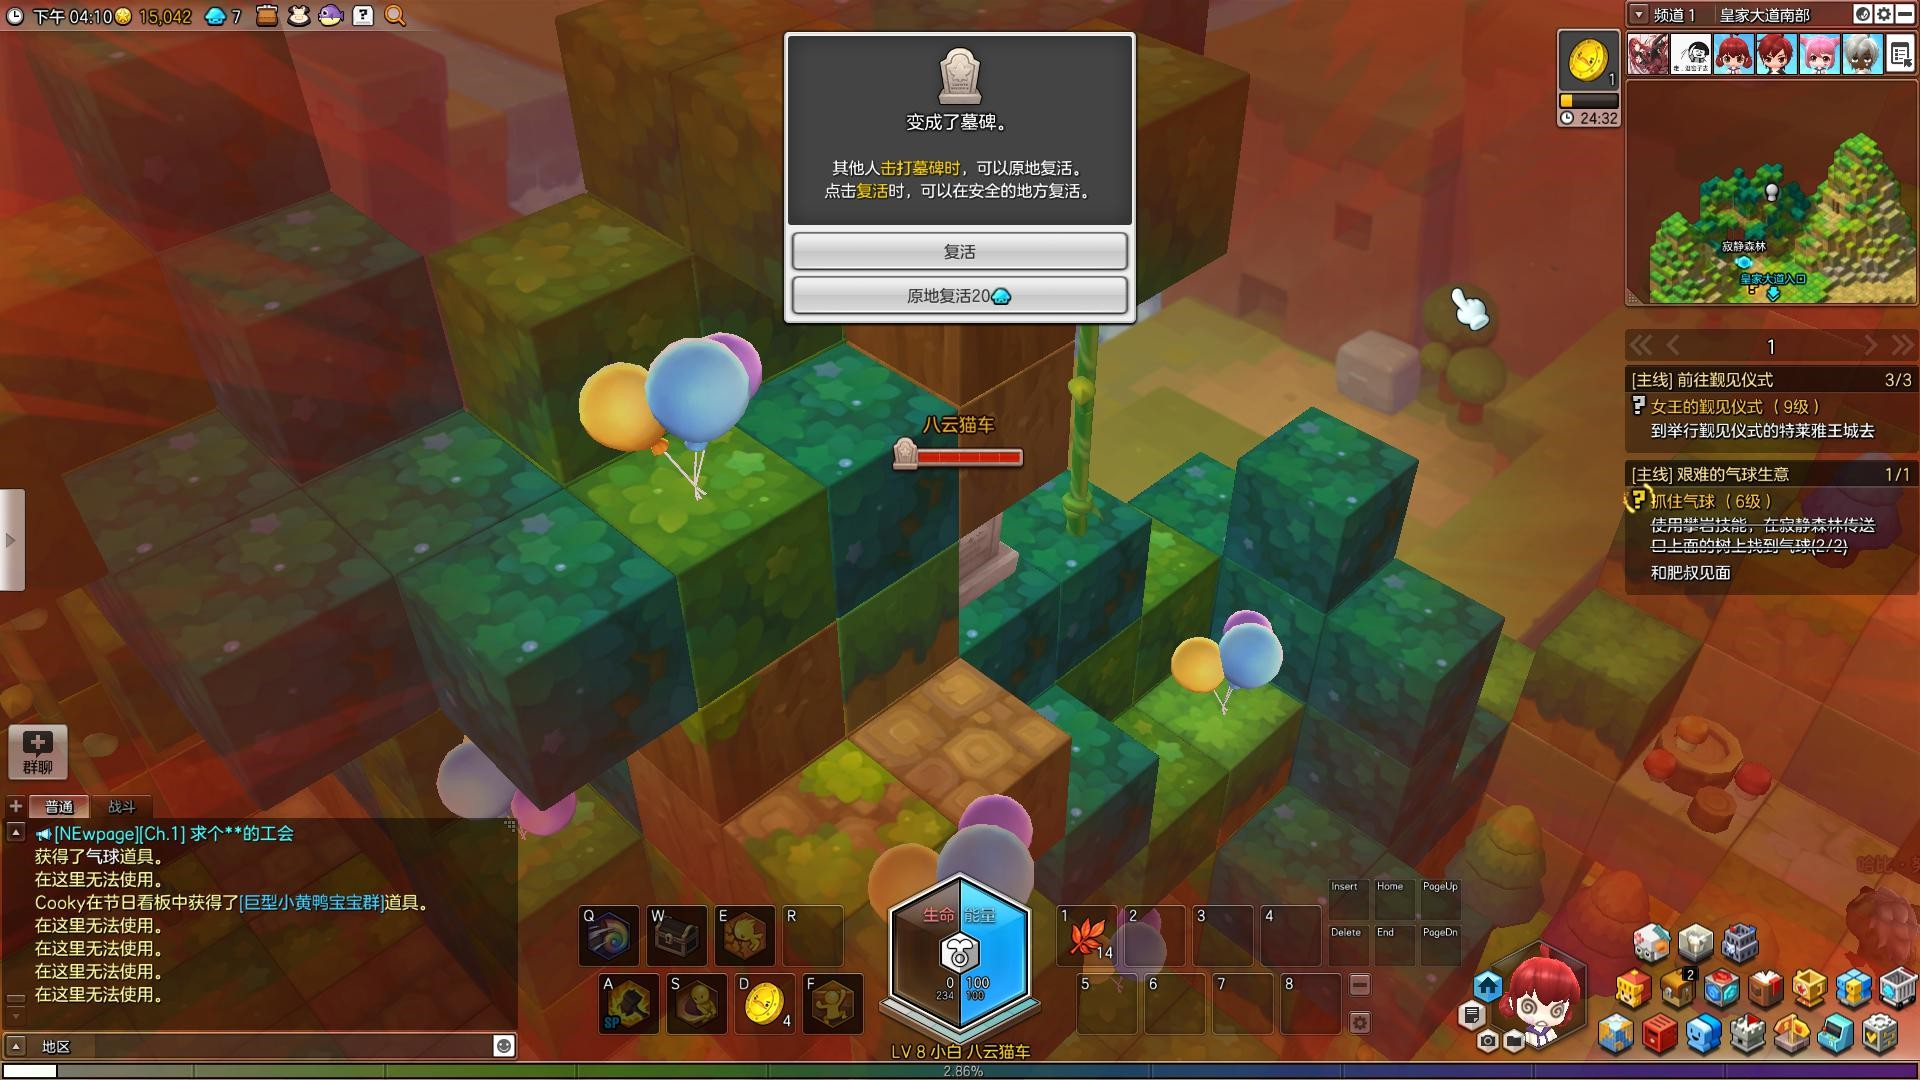 《冒险岛2》点评:mmorpg与休闲游戏的完美结合